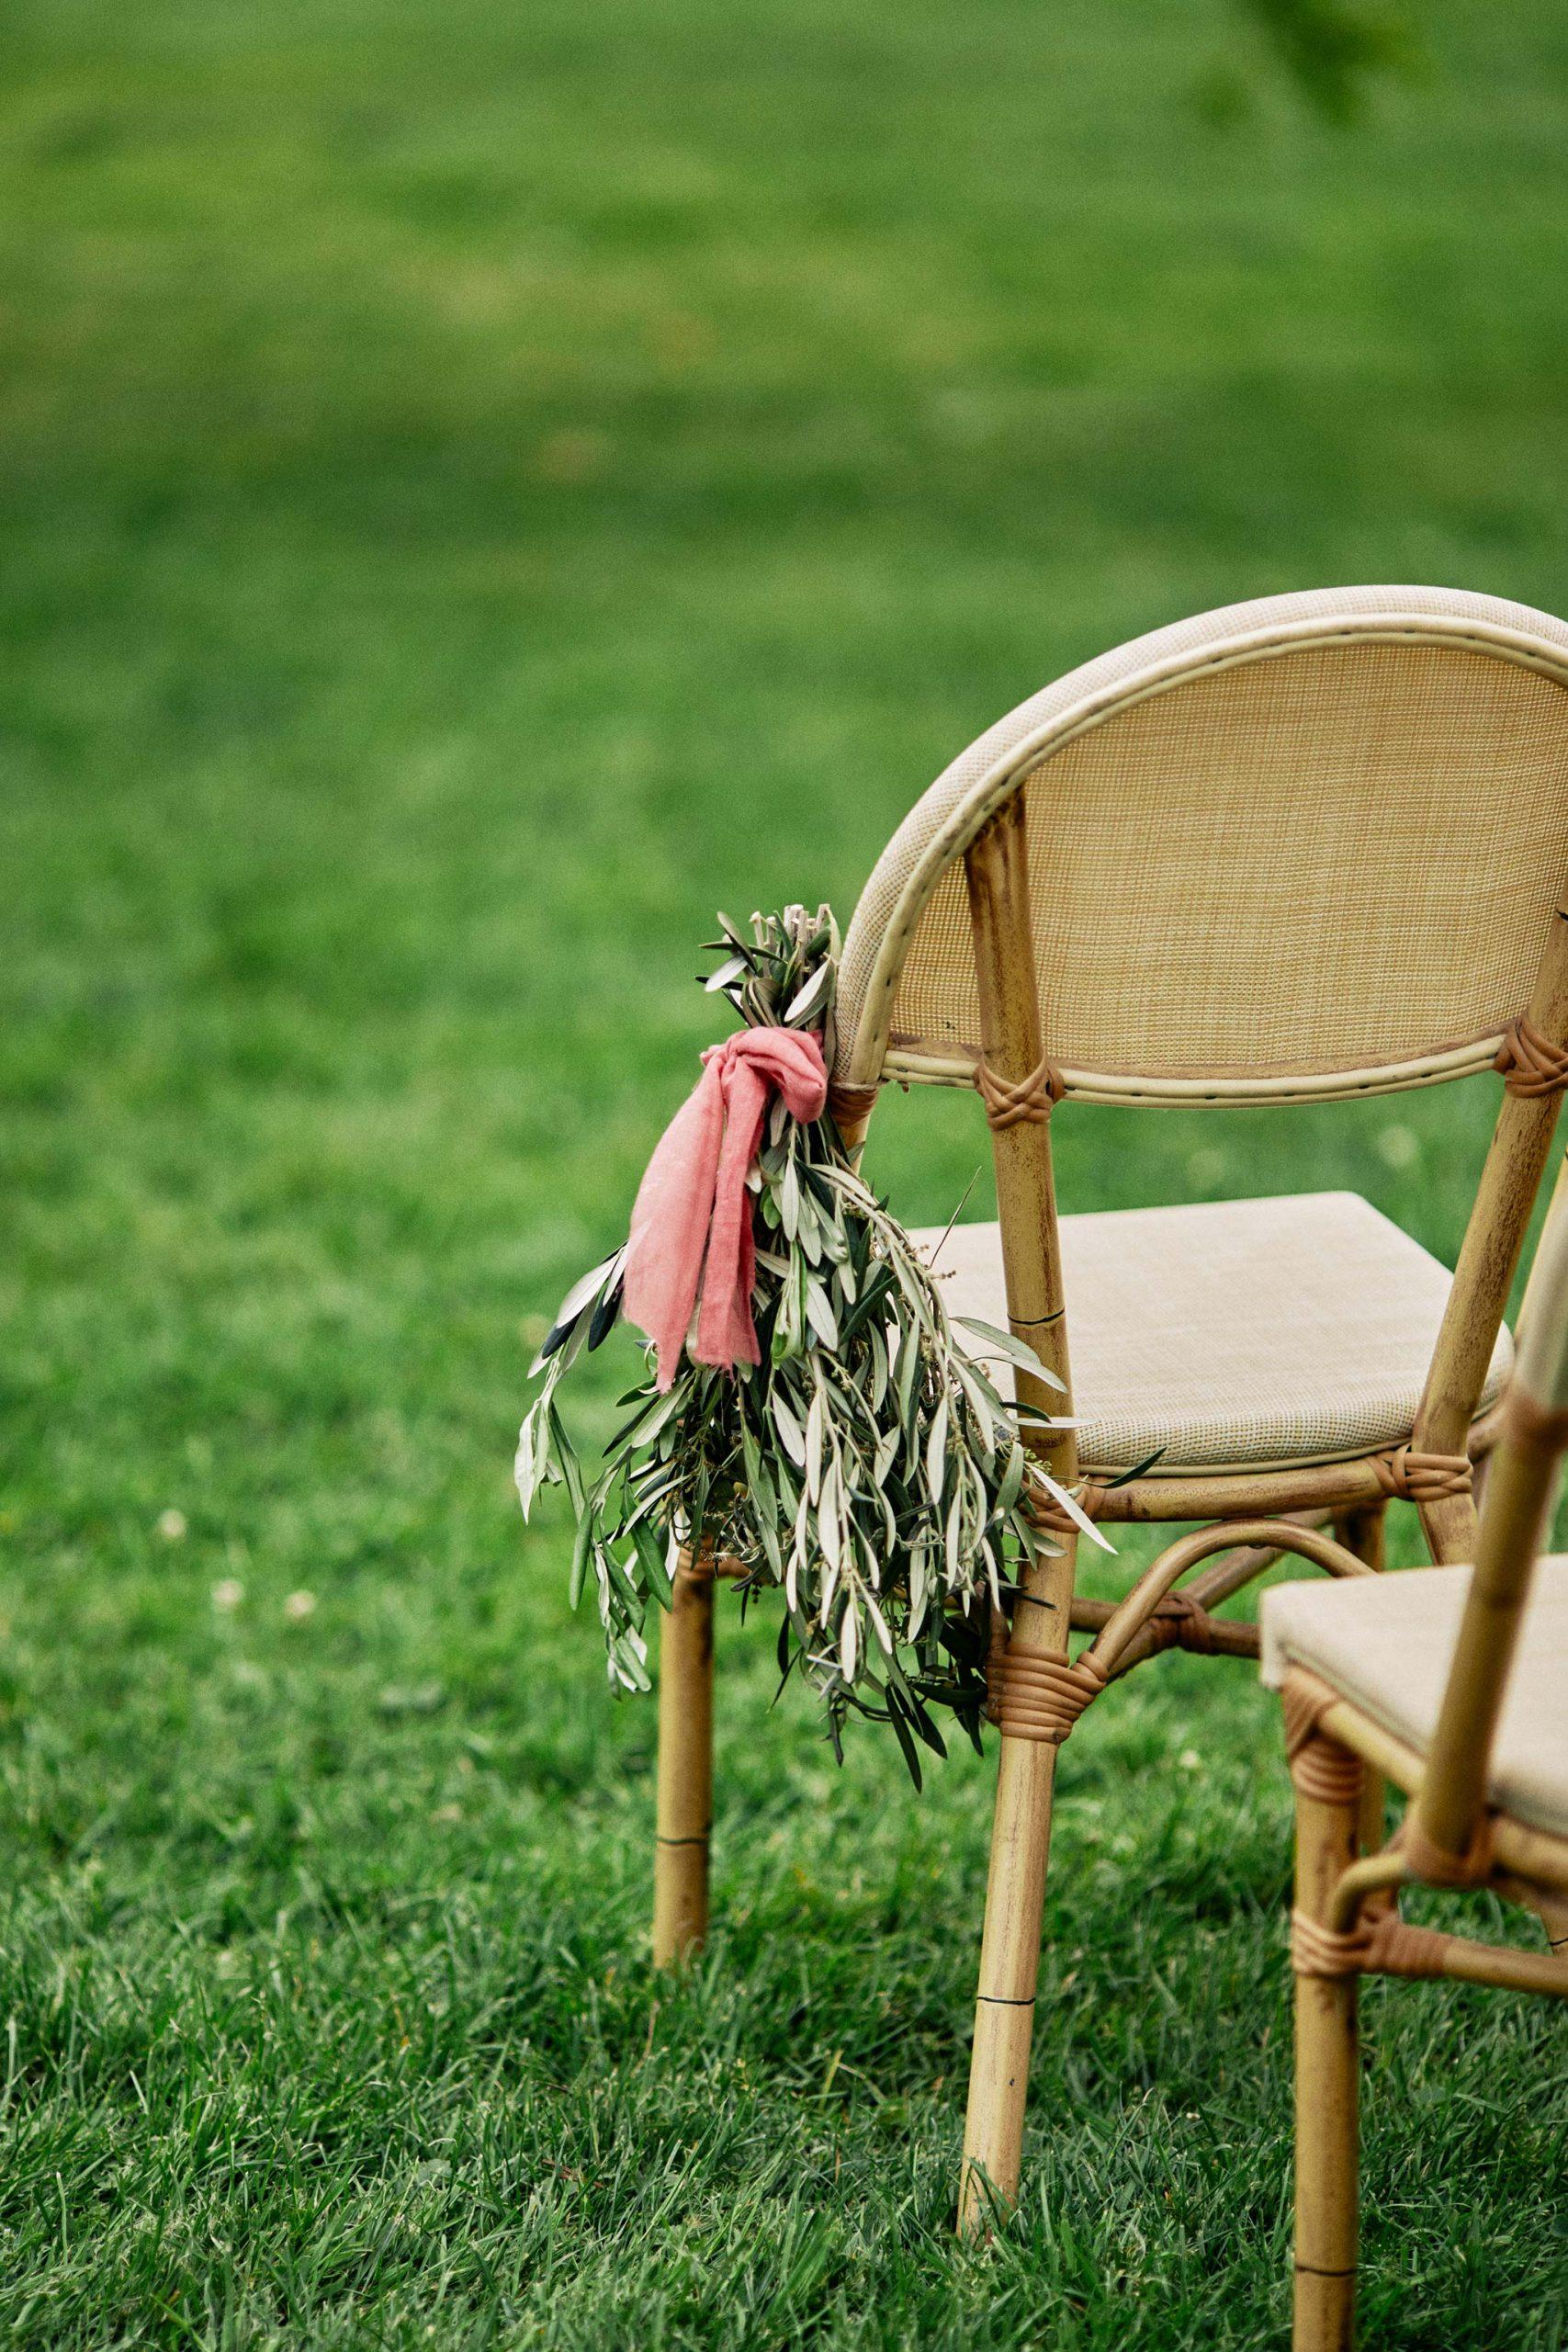 Melbourne Royal Botanical Garden Wedding Ceremony Set Up